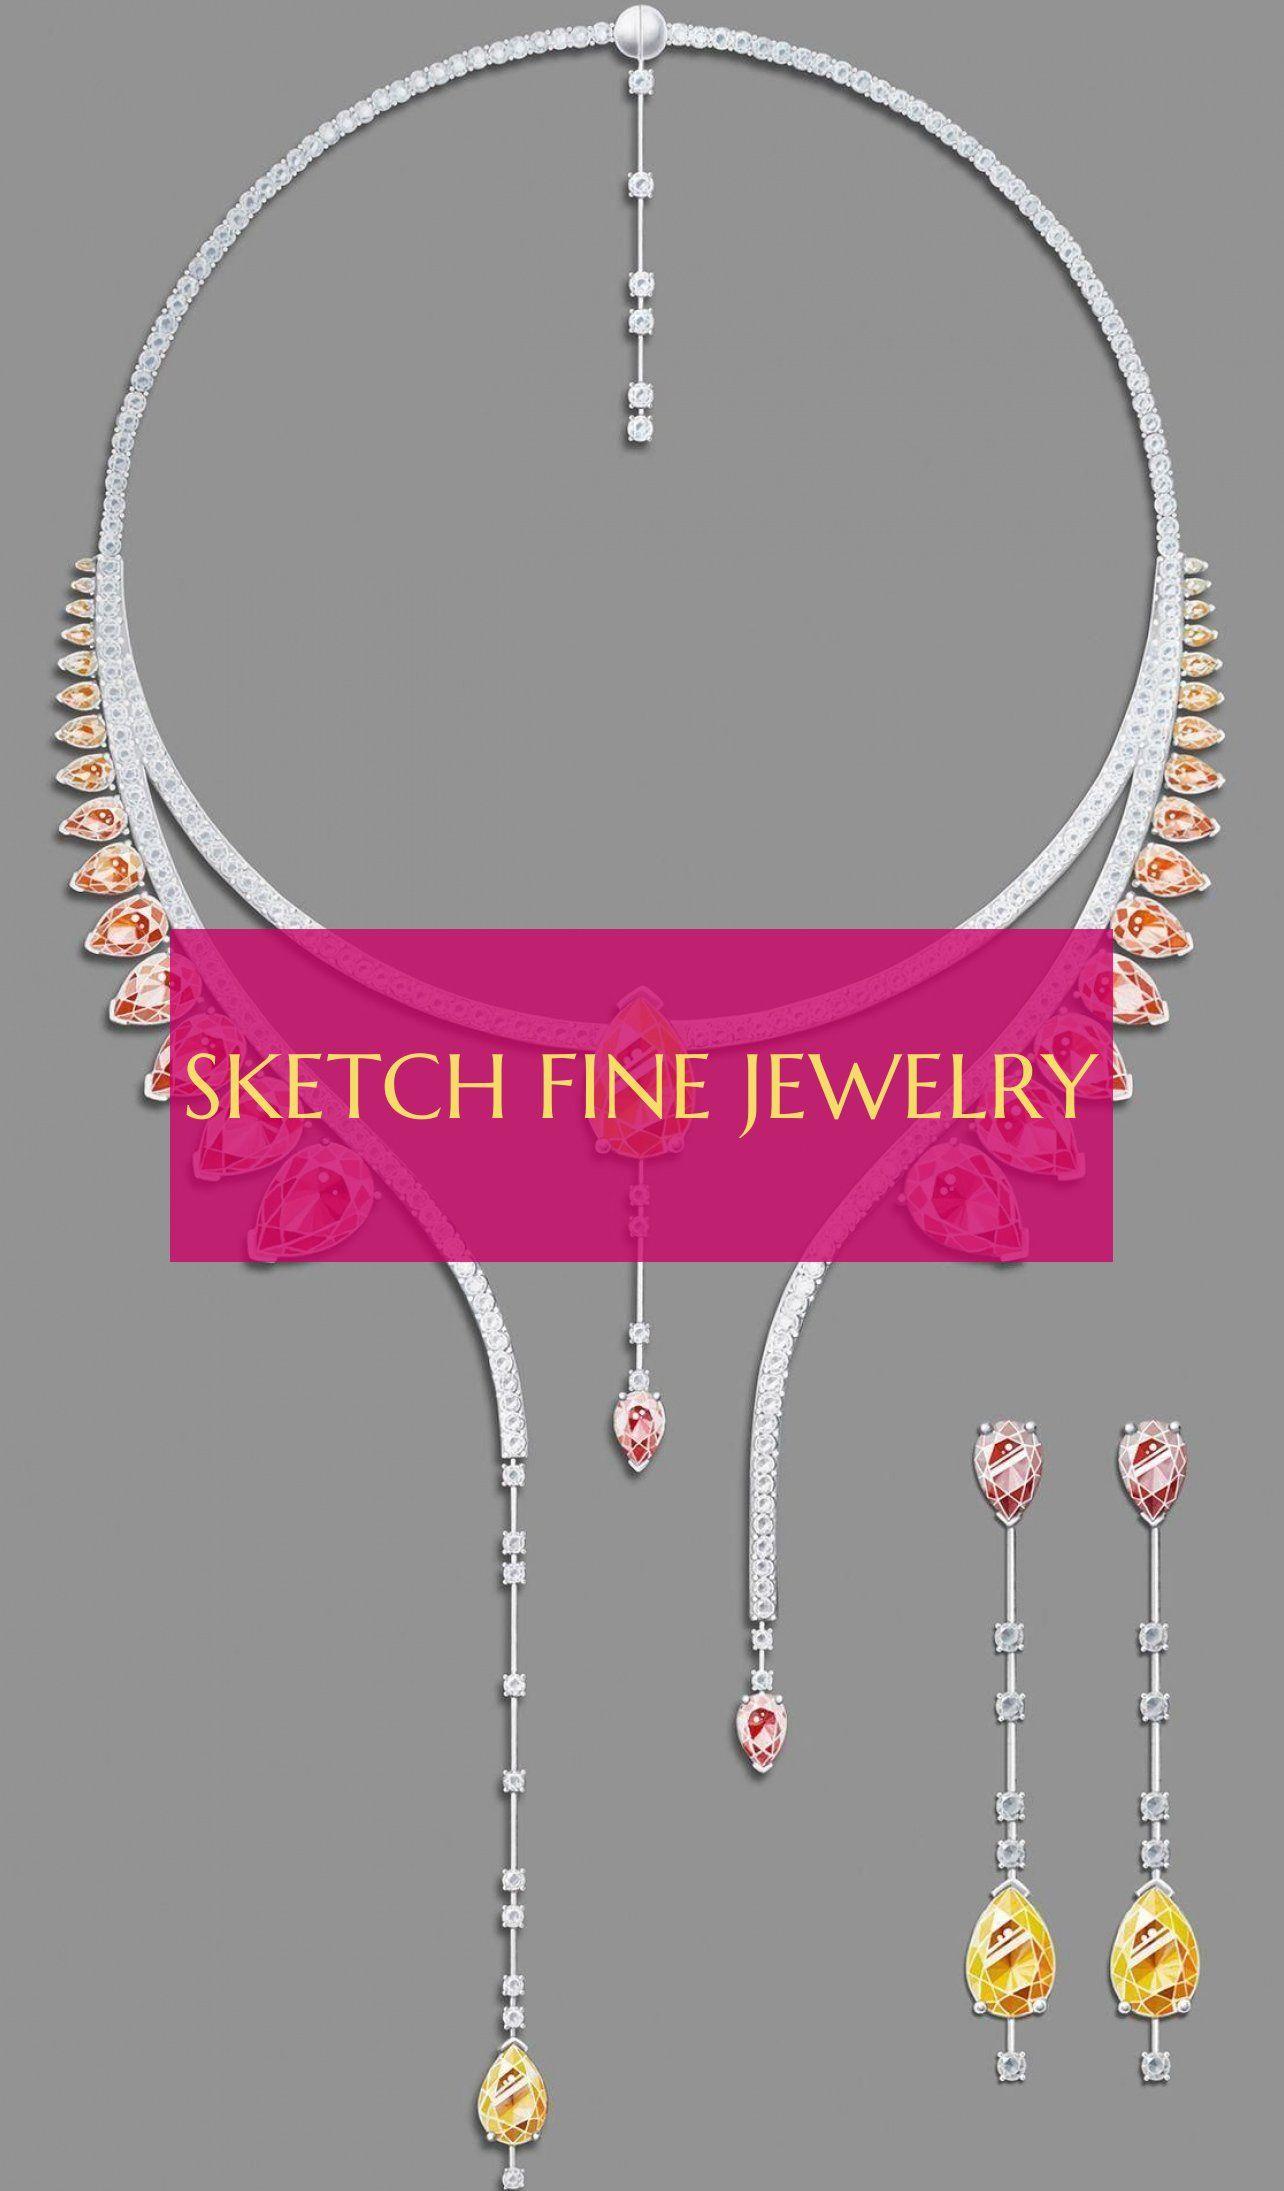 Sketch fine jewelry